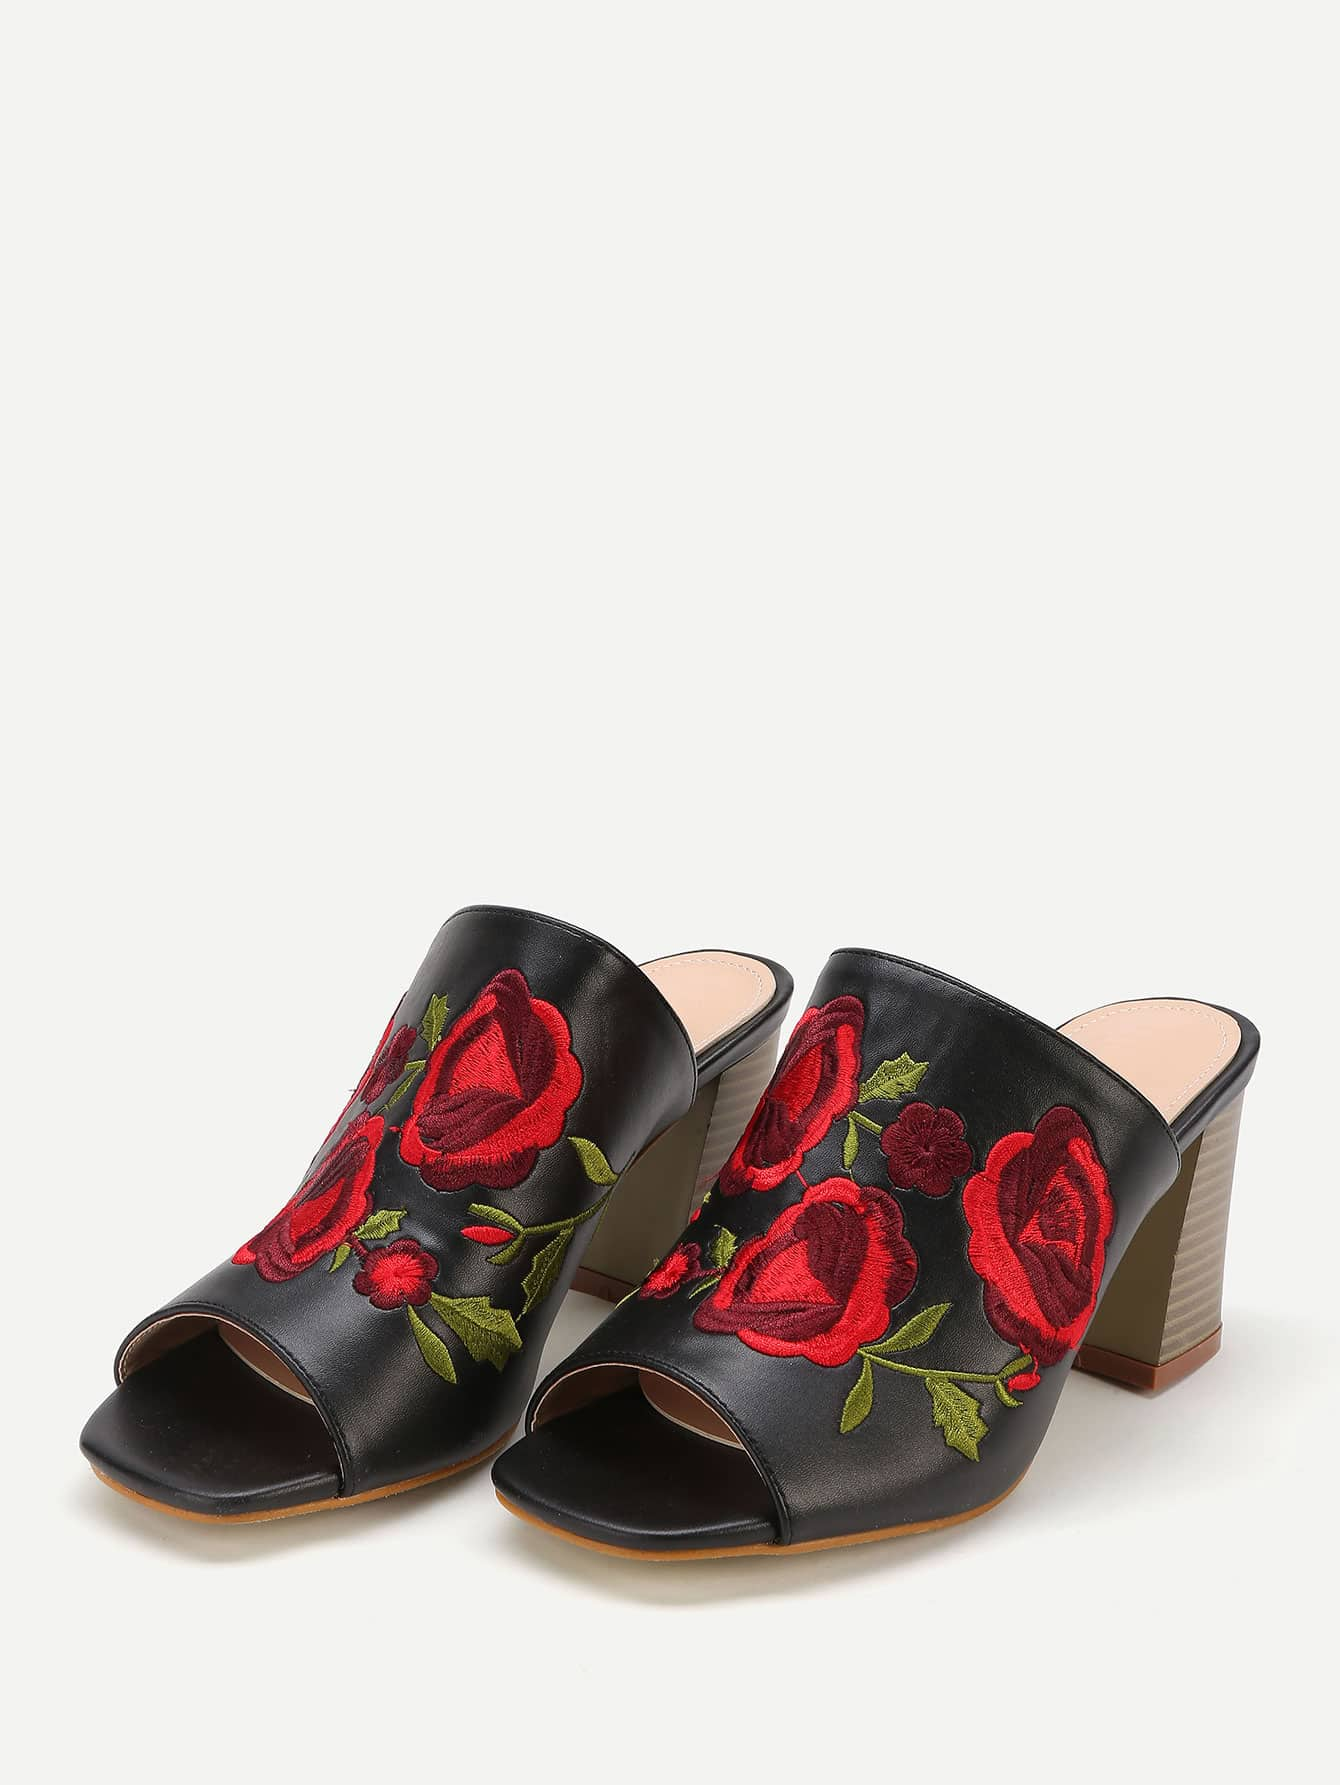 shoes170504820_2